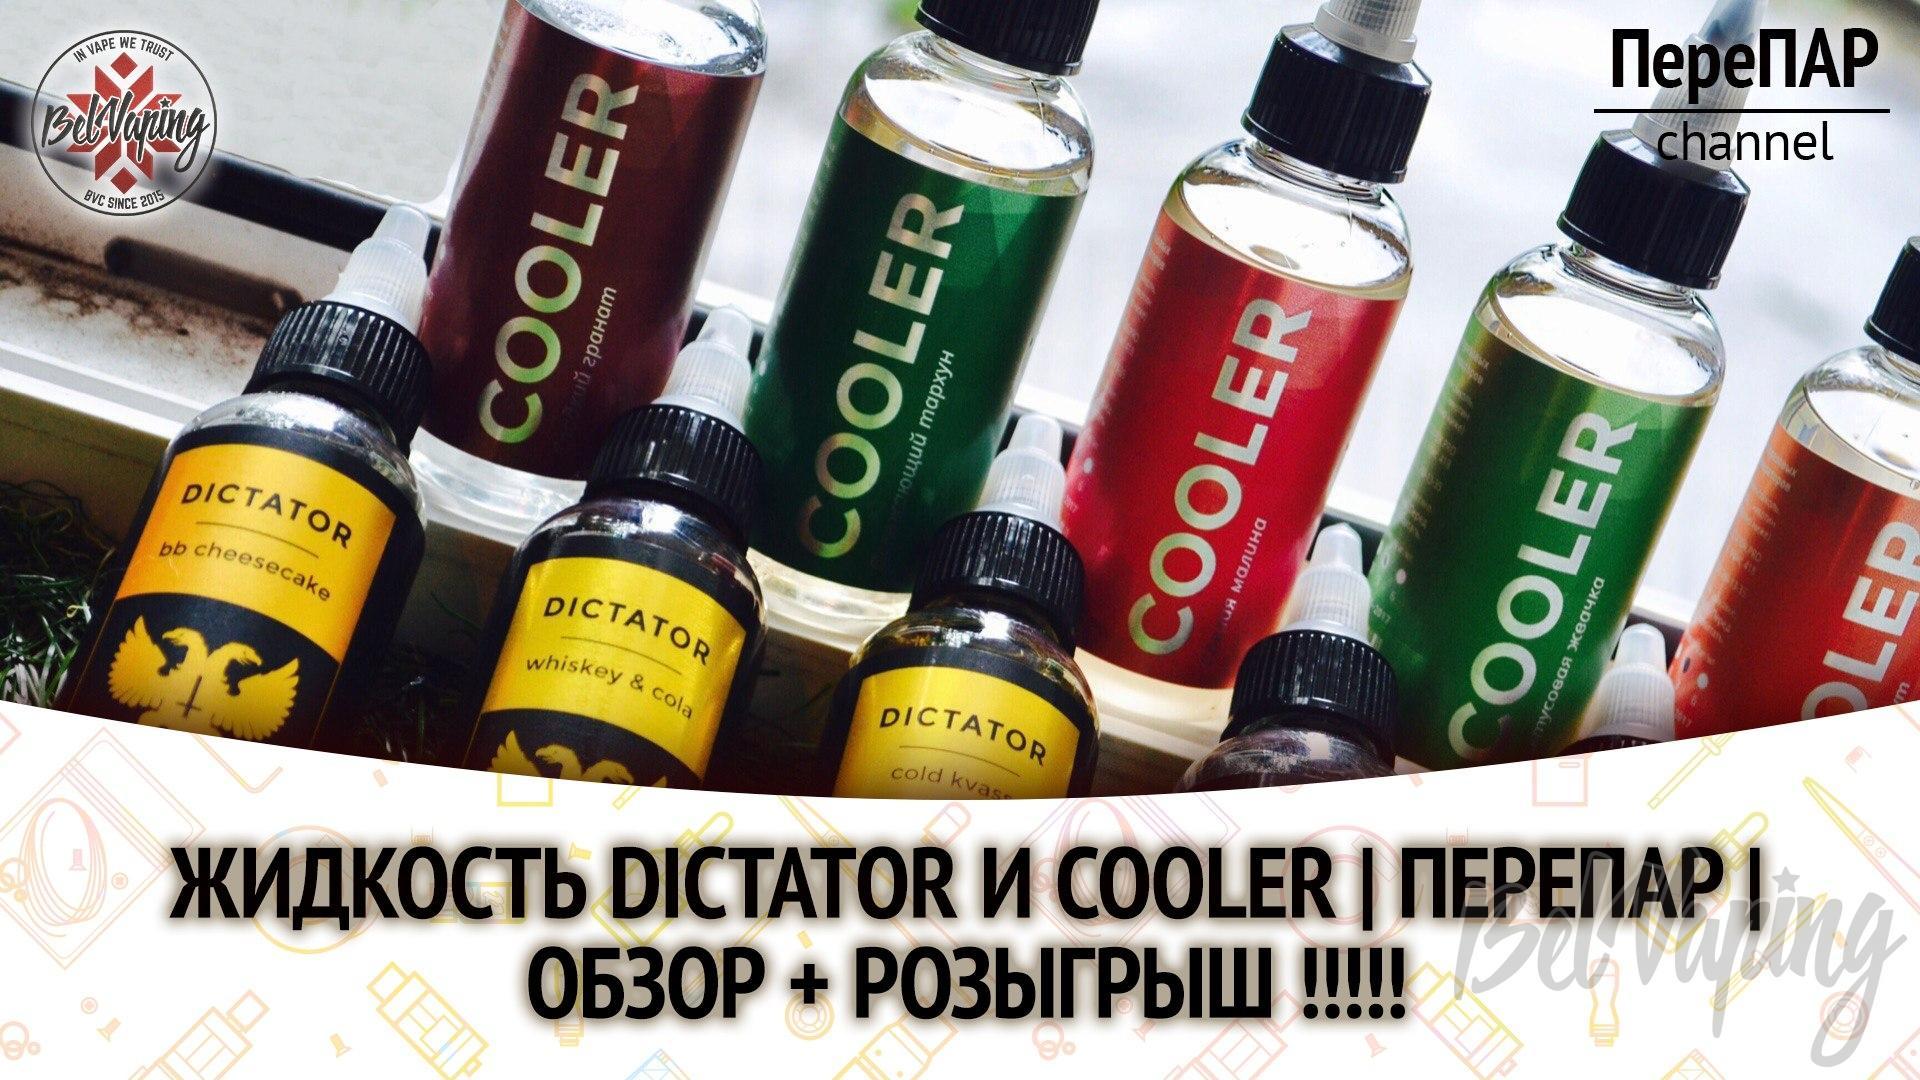 Обзор жидкостей Dictator и Cooler